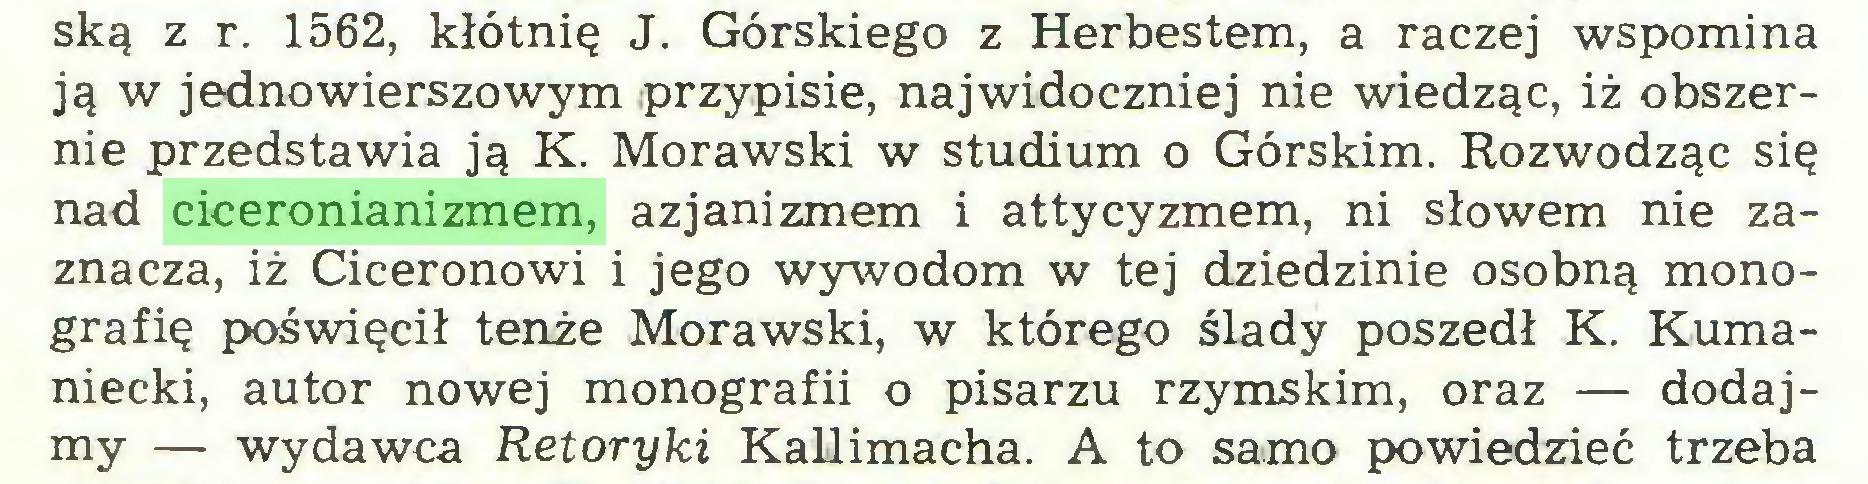 (...) ską z r. 1562, kłótnię J. Górskiego z Herbestem, a raczej wspomina ją w jedno wierszowym przypisie, najwidoczniej nie wiedząc, iż obszernie przedstawia ją K. Morawski w studium o Górskim. Rozwodząc się nad ciceronianizmem, azjanizmem i attycyzmem, ni słowem nie zaznacza, iż Ciceronowi i jego wywodom w tej dziedzinie osobną monografię poświęcił tenże Morawski, w którego ślady poszedł K. Kumaniecki, autor nowej monografii o pisarzu rzymskim, oraz — dodajmy — wydawca Retoryki Kallimacha. A to samo powiedzieć trzeba...